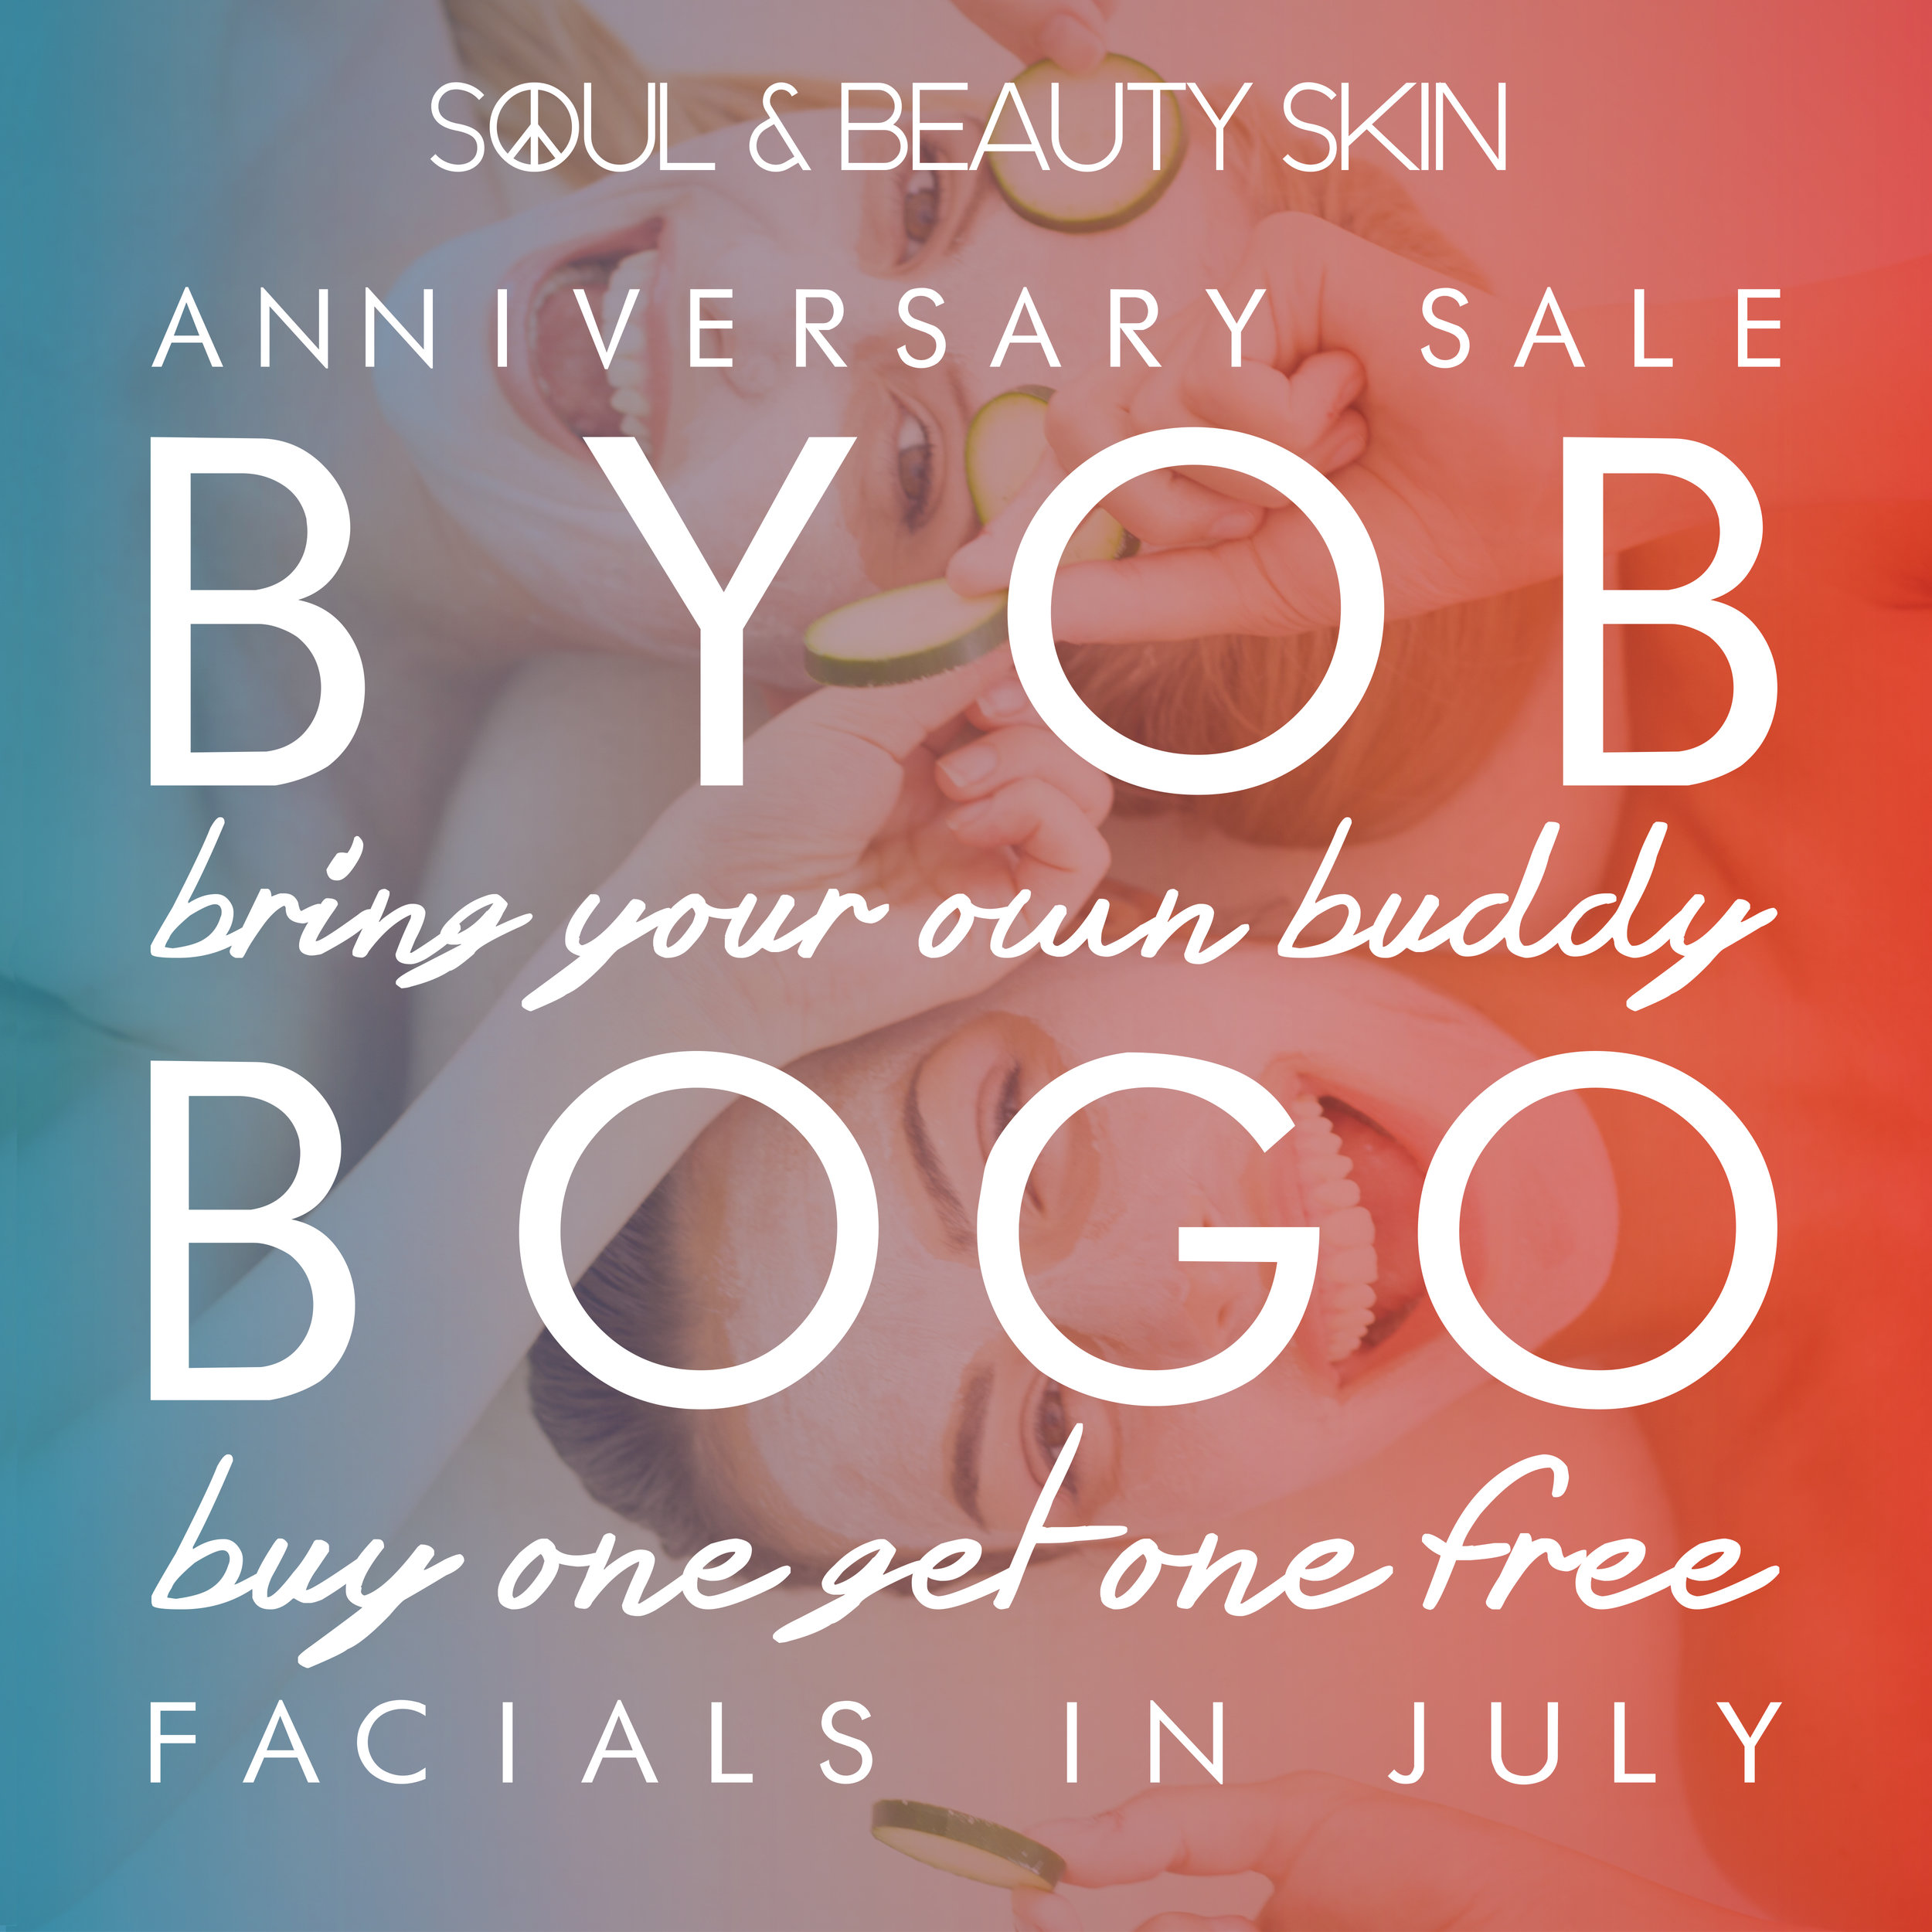 SBS_2 Anniversary Sale.jpg